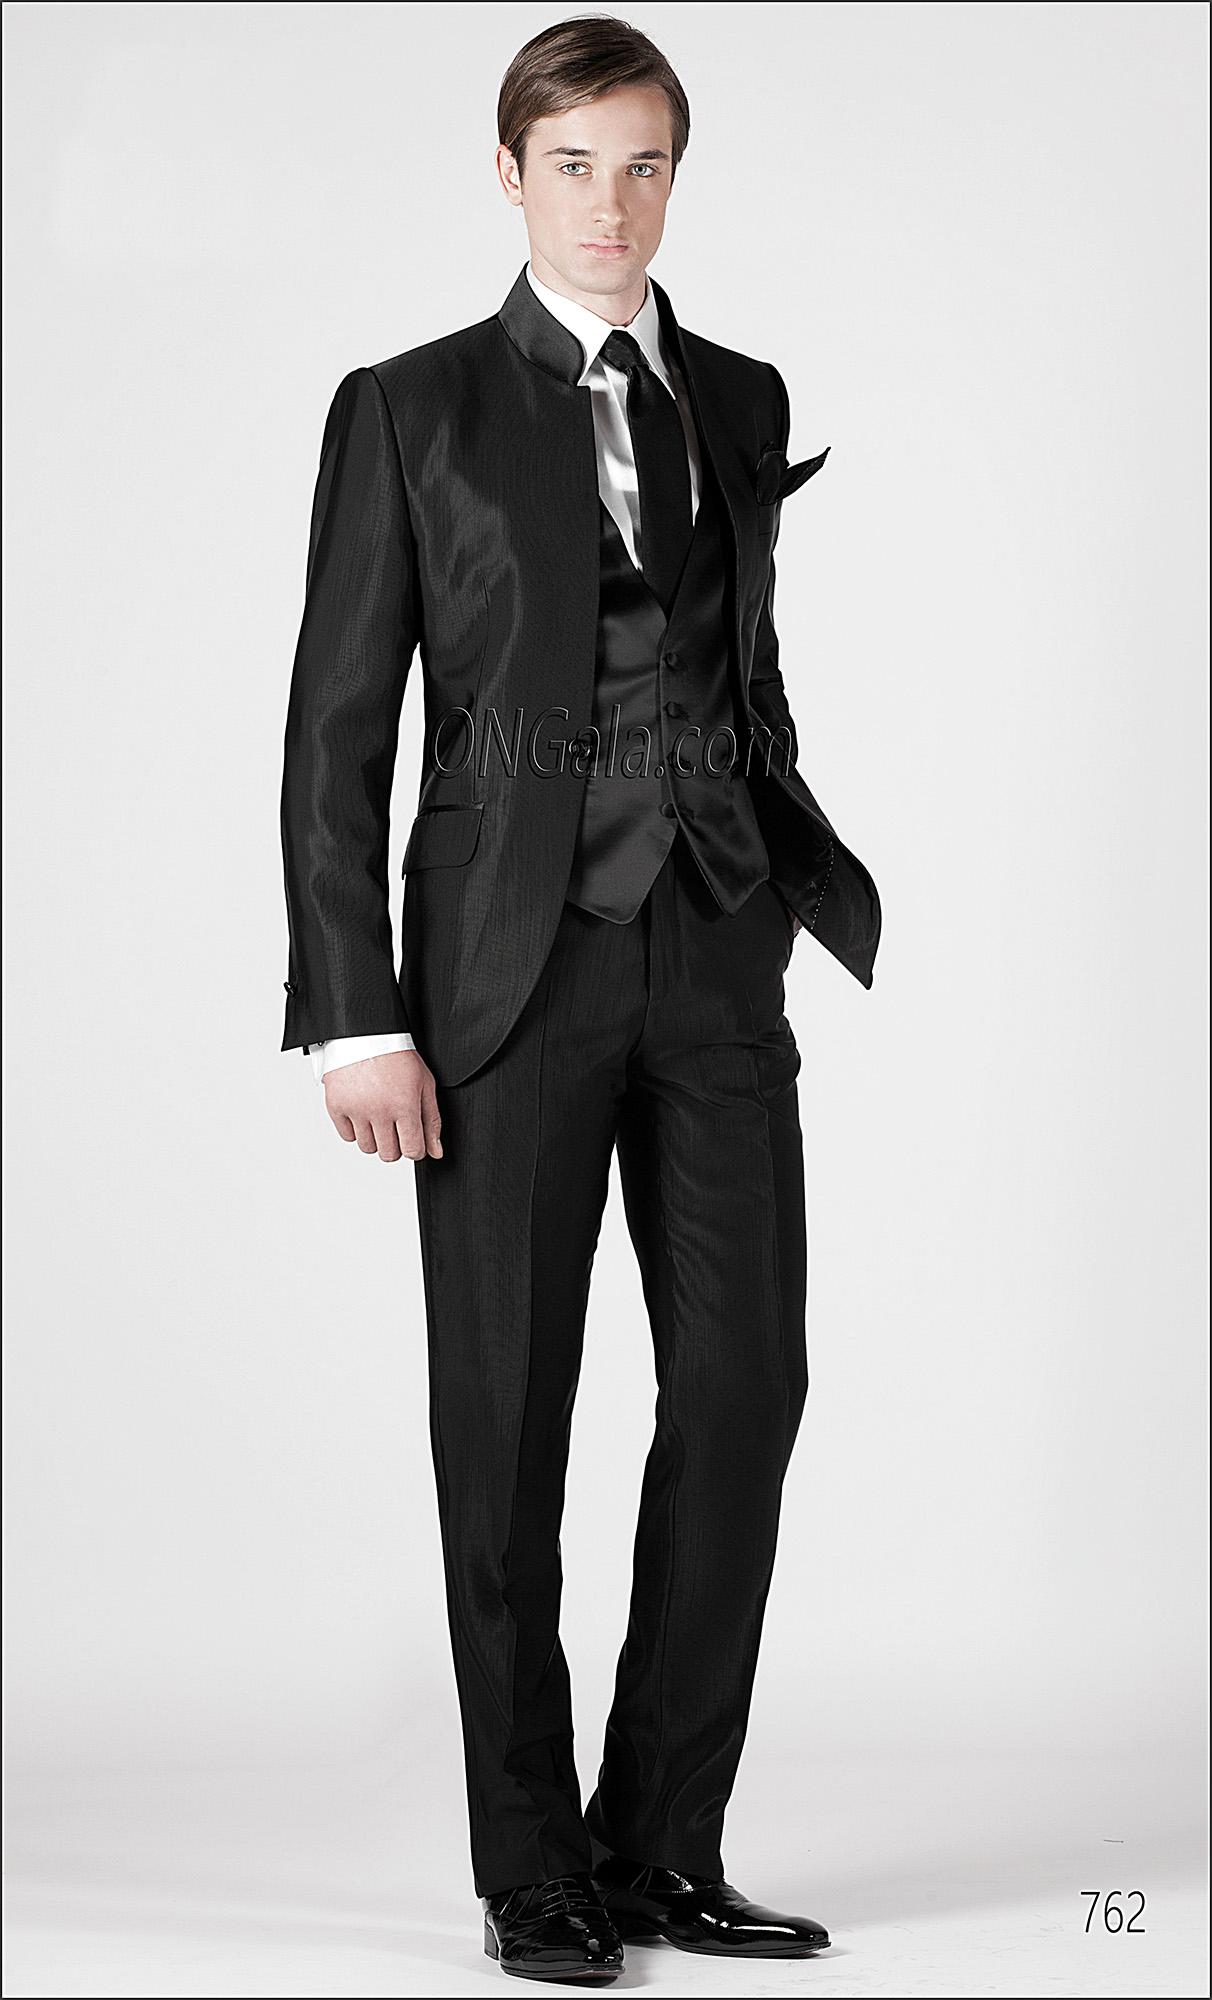 italienischer br utigam anzug schwarz aus faille stoffen. Black Bedroom Furniture Sets. Home Design Ideas